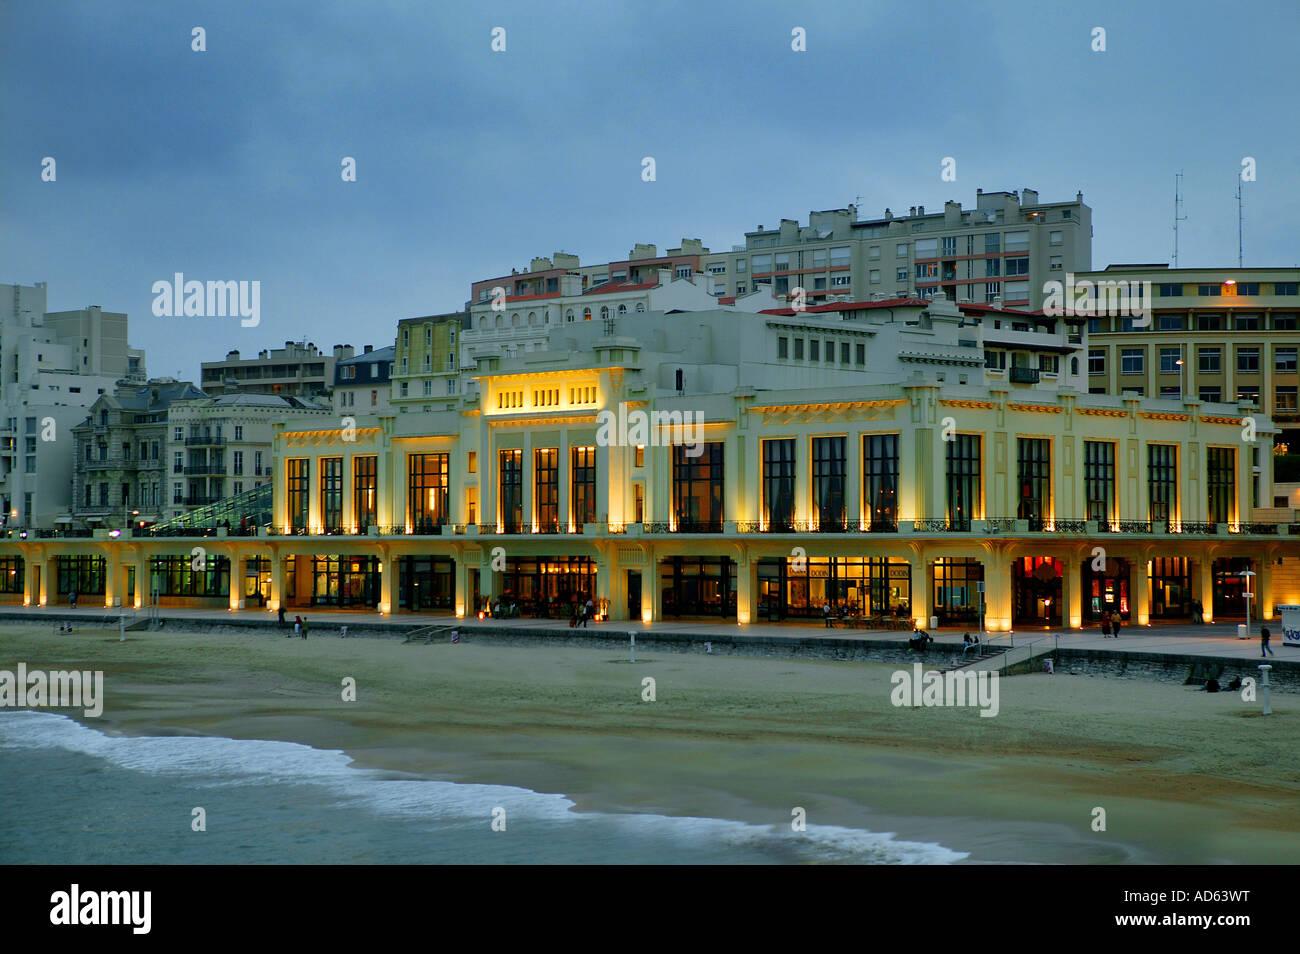 Biarritz Casino